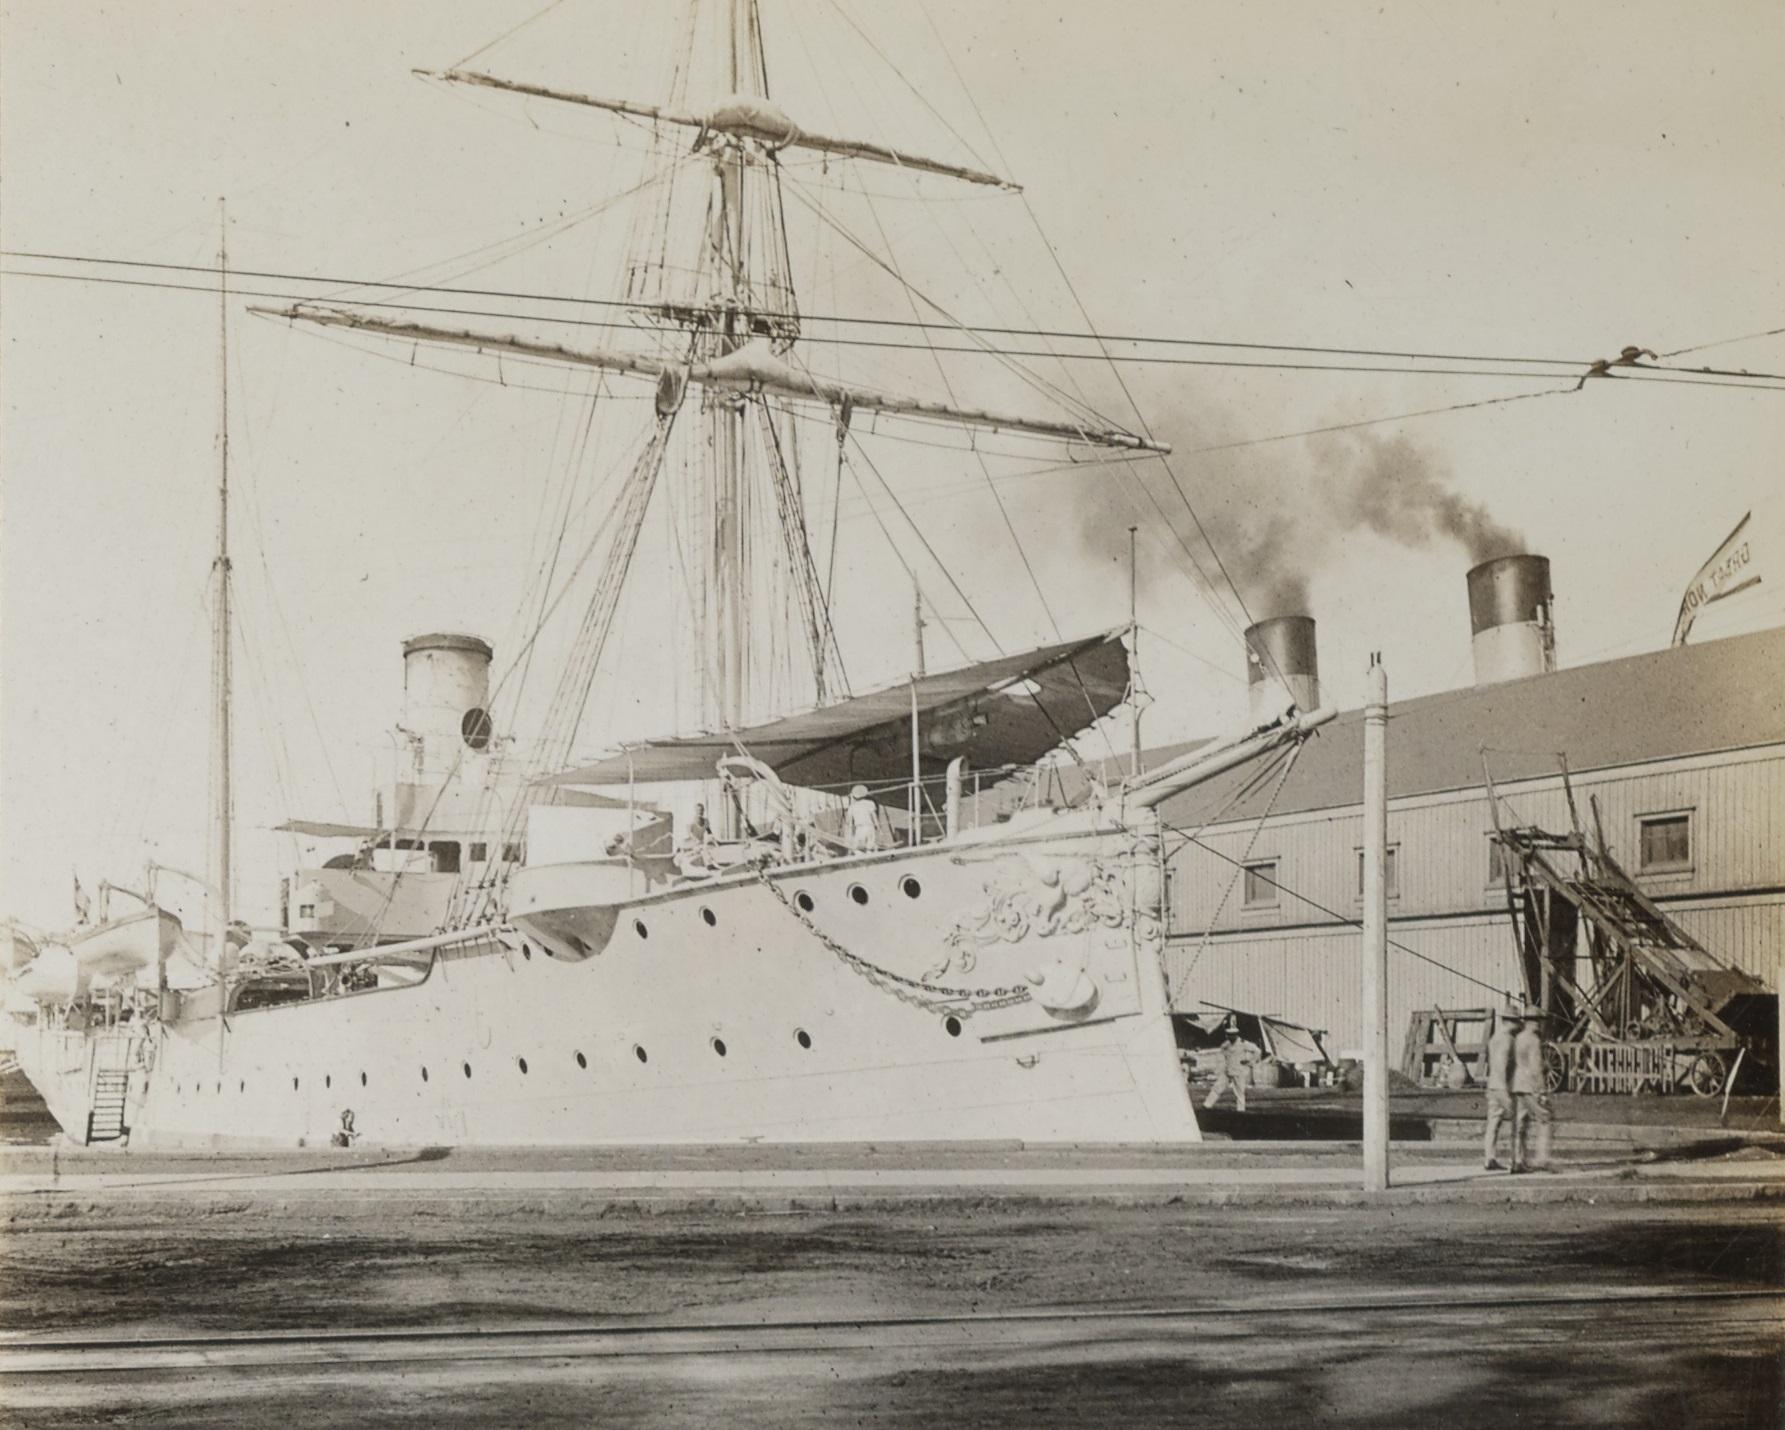 German cruiser Geier shown interned in Honolulu. Photo by Herbert B Turner. NARA 165-WW-272C-006